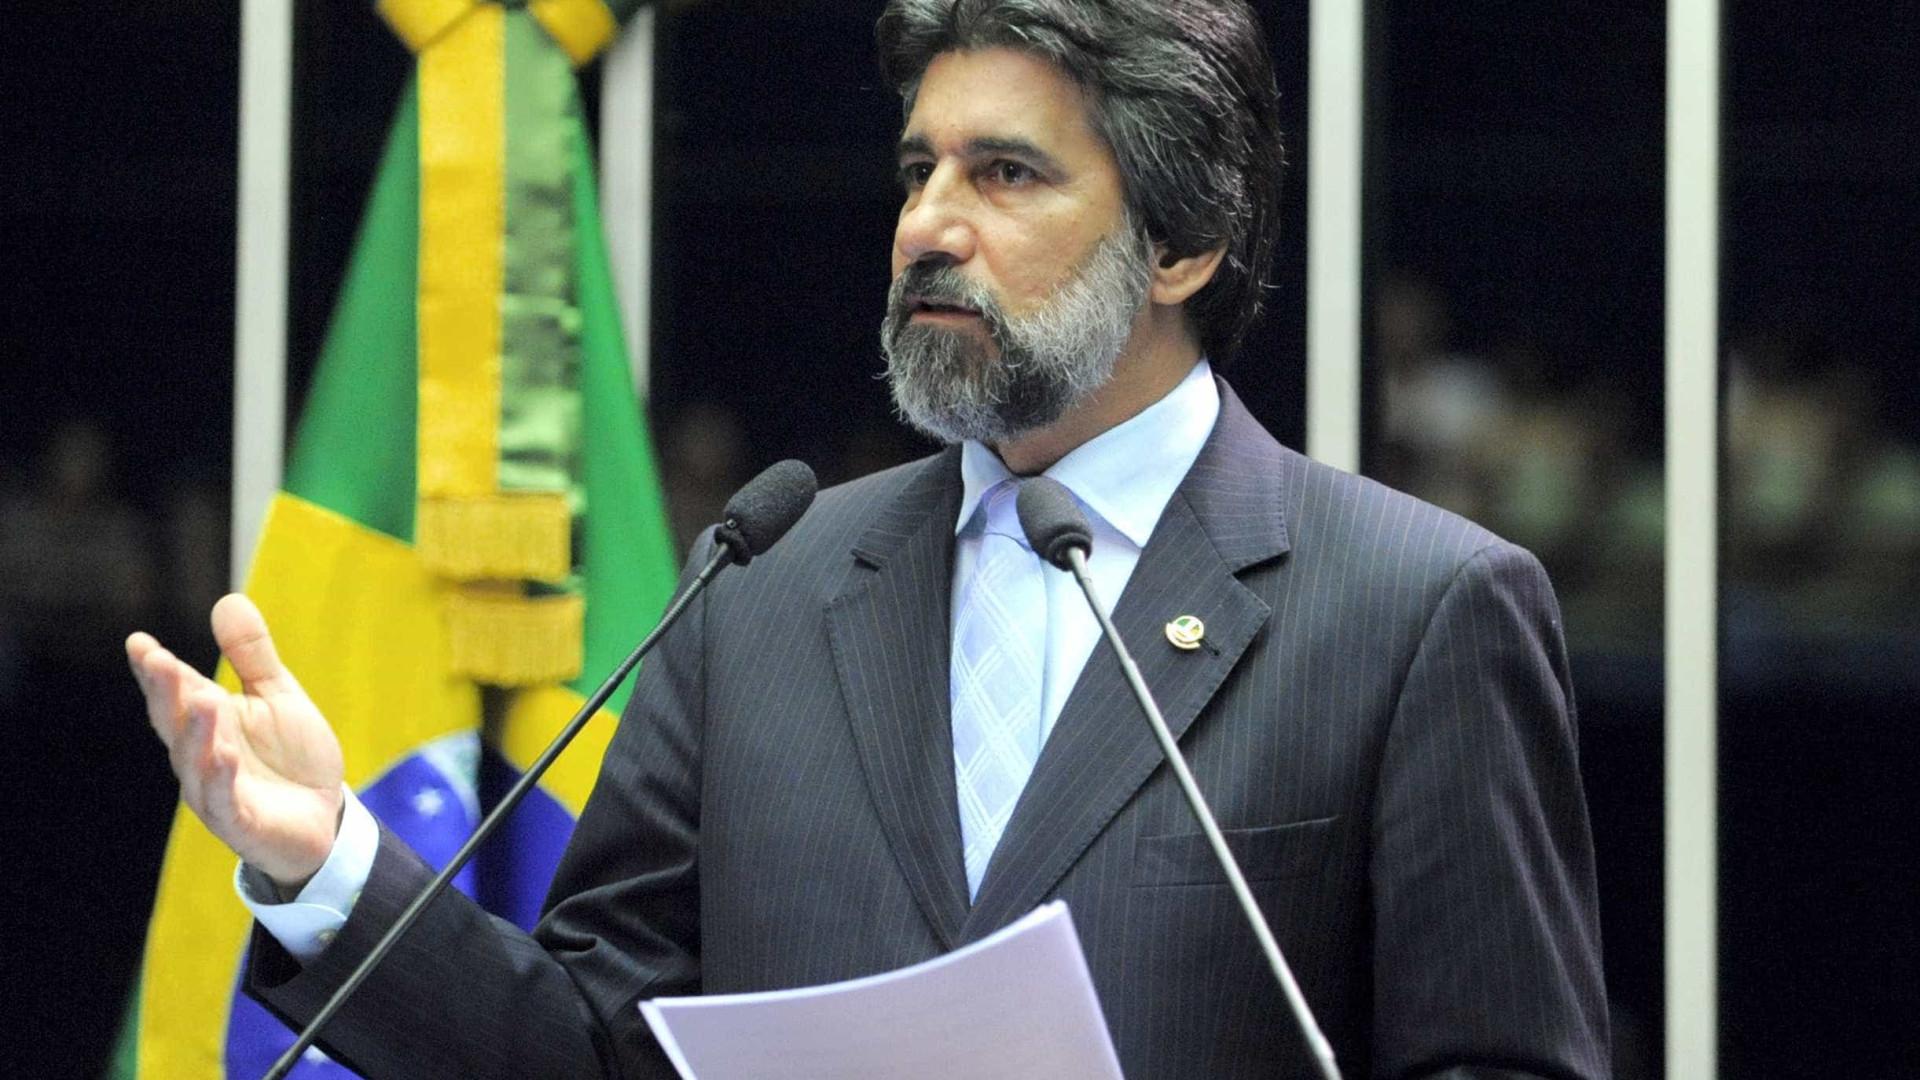 Fachin libera para julgamento denúncia  contra senador do PMDB